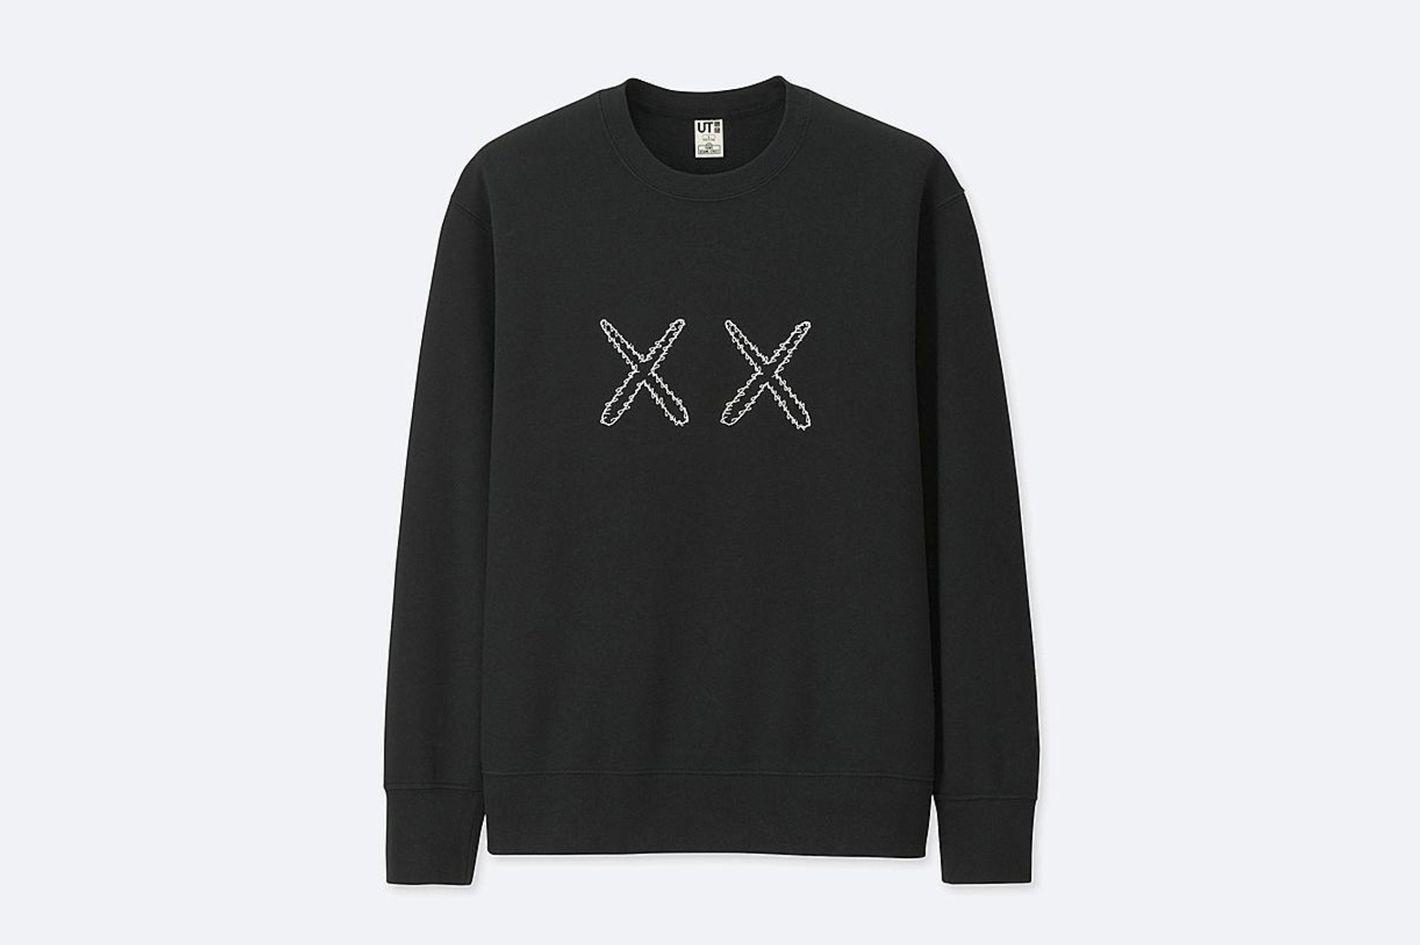 Uniqlo Kaws X Sesame Street Sweatshirt